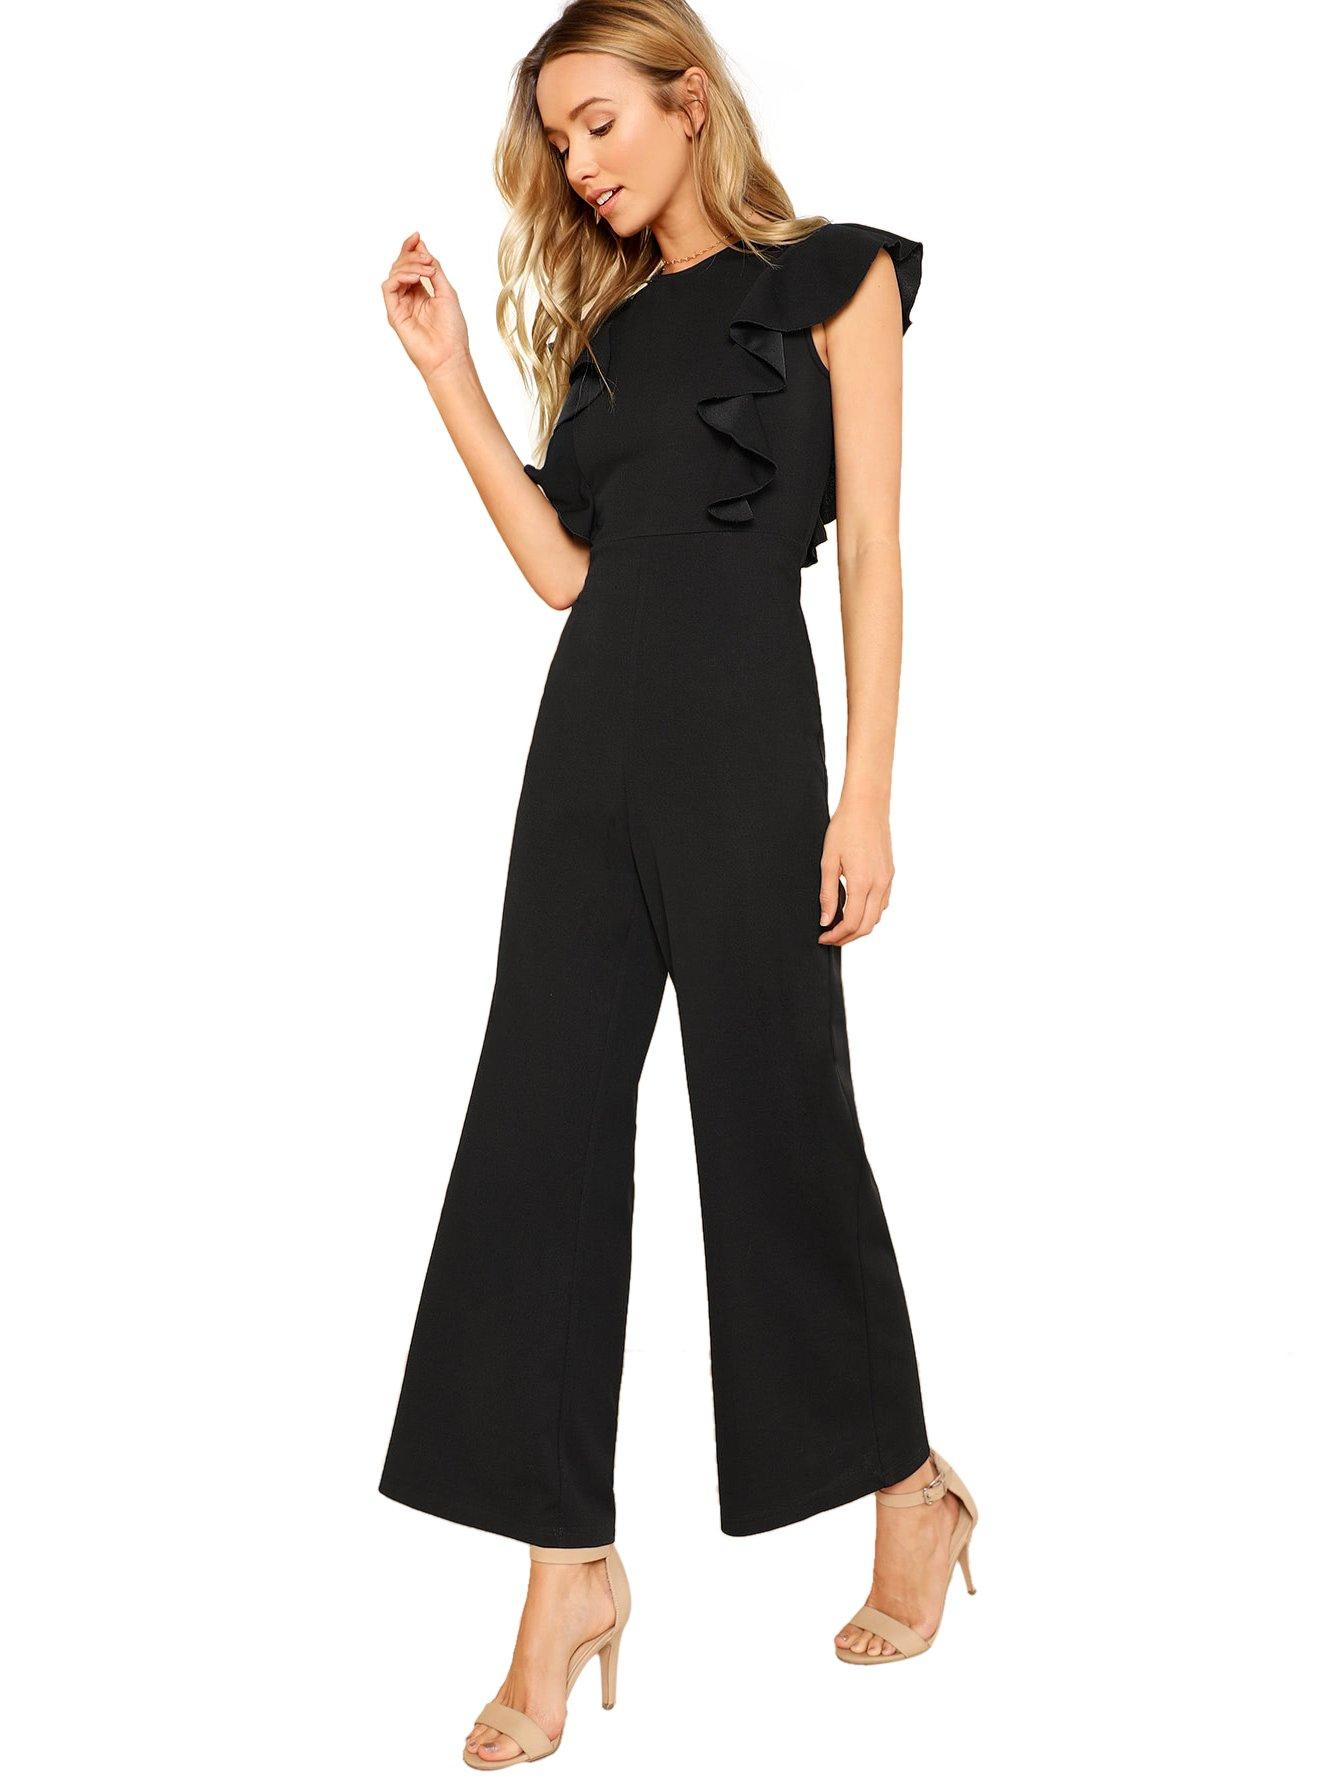 ROMWE Women's Sexy Casual Sleeveless Ruffle Trim Wide Leg High Waist Long Jumpsuit Black S by ROMWE